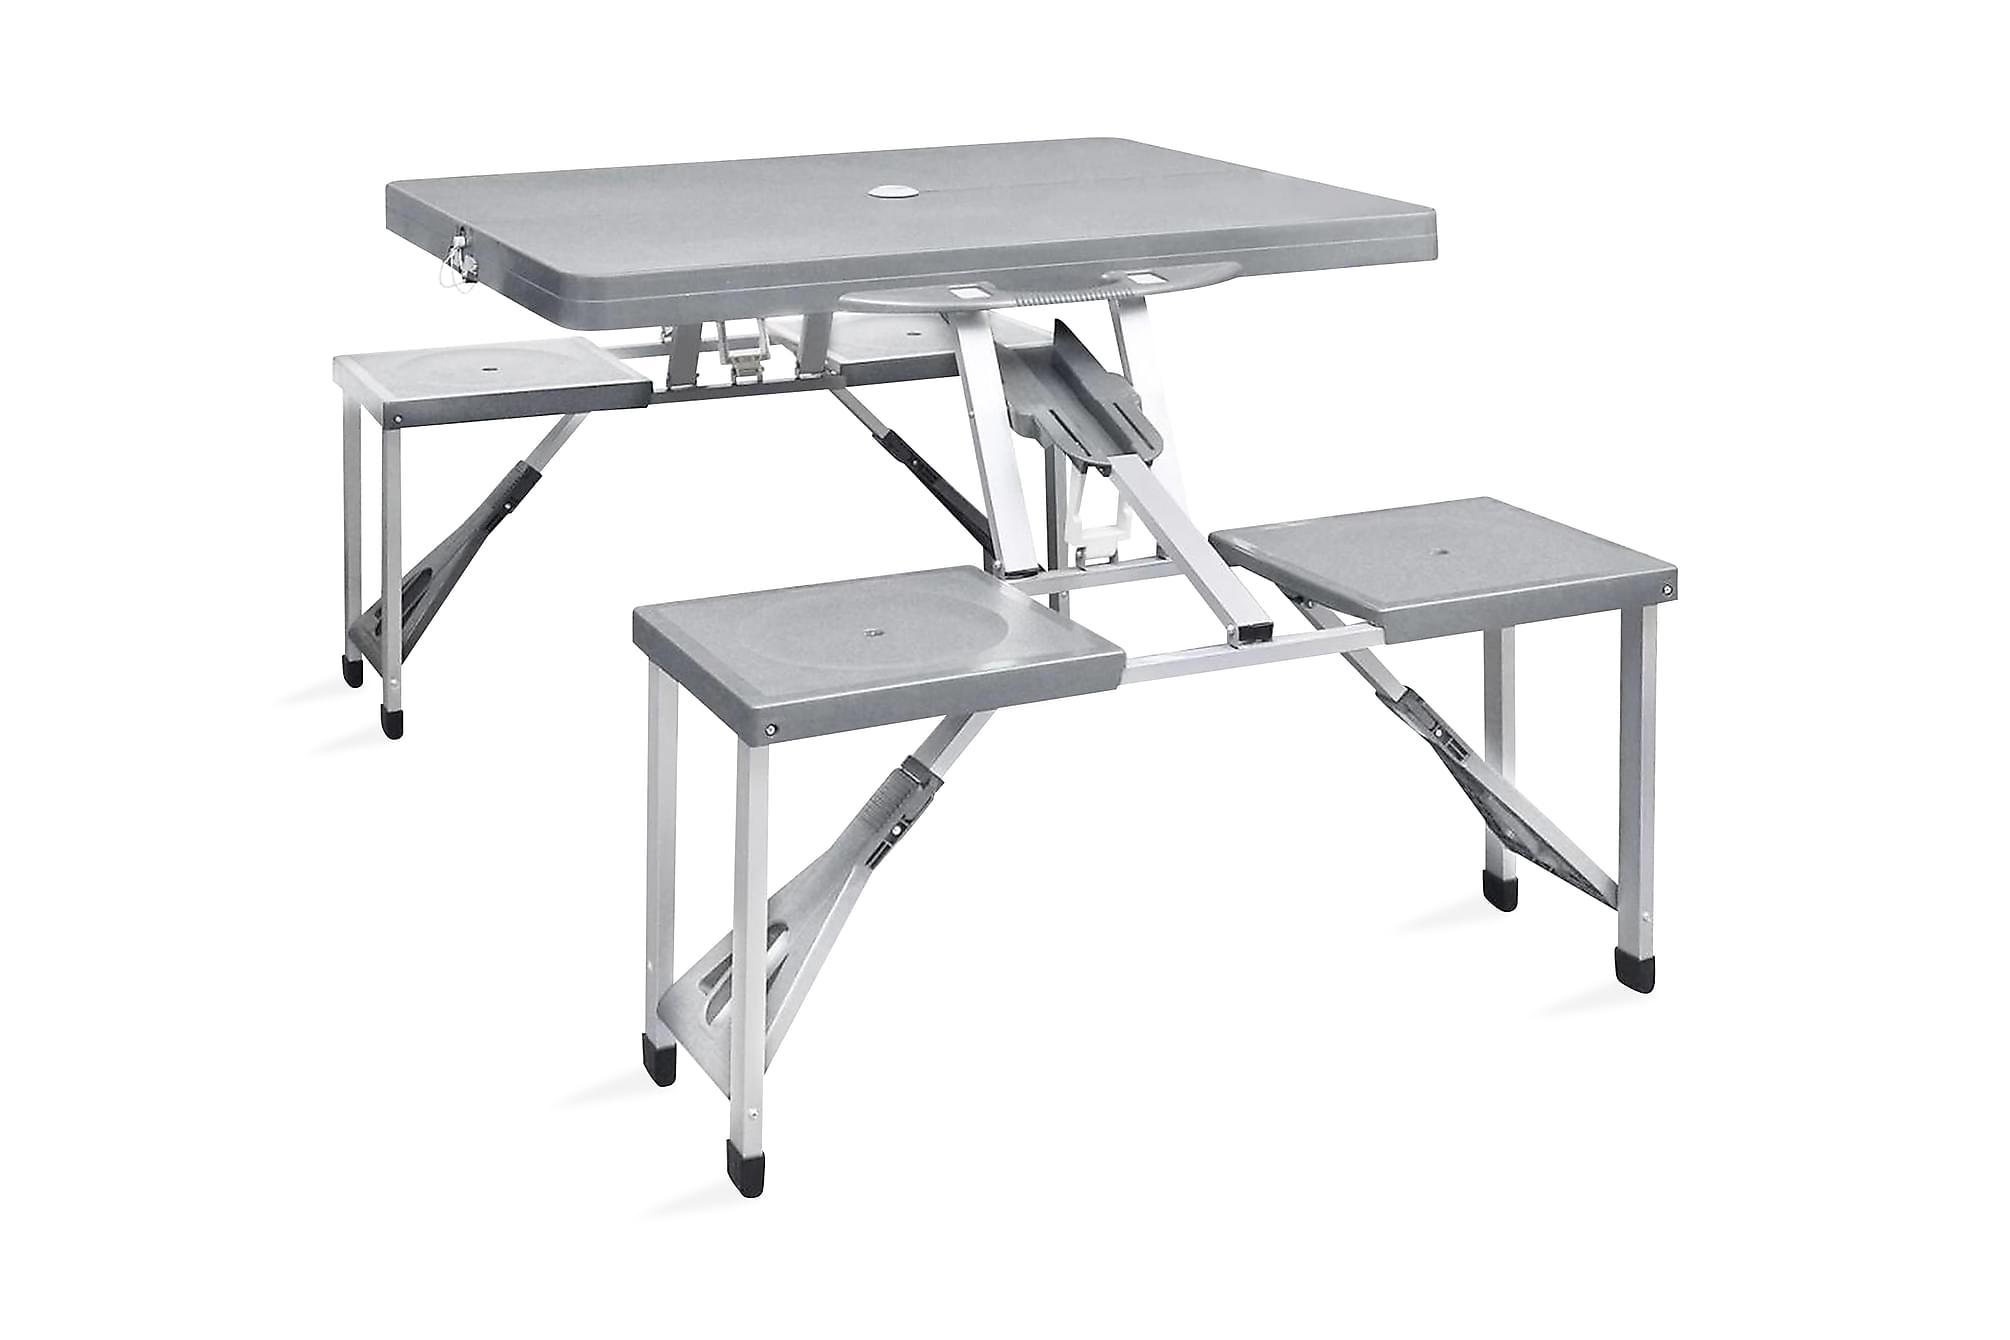 Hopfällbart campingbord med 4 stolar i aluminium ljusgrått, Campingbord